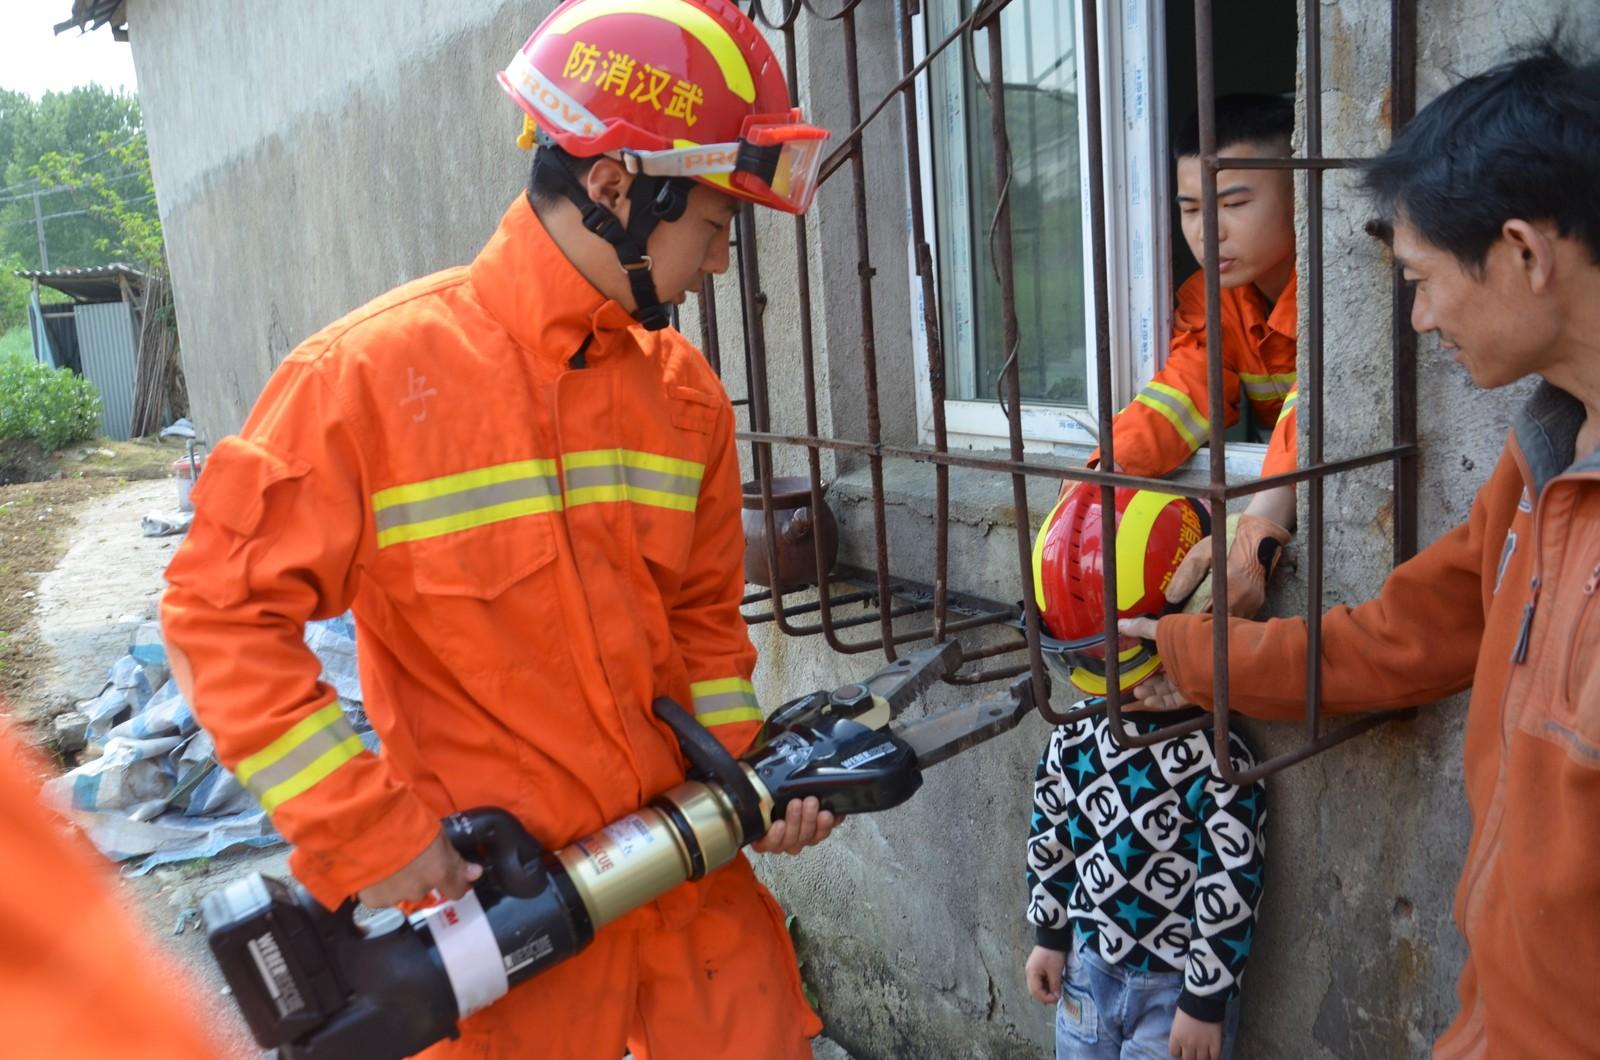 SATT FAST: En ung gutt måtte få hjelp av brannvesenet etter at han satte fast hodet sitt mellom metallgitteret utenfor et vindu i Wuhan i Hubeiprovinsen i Kina.